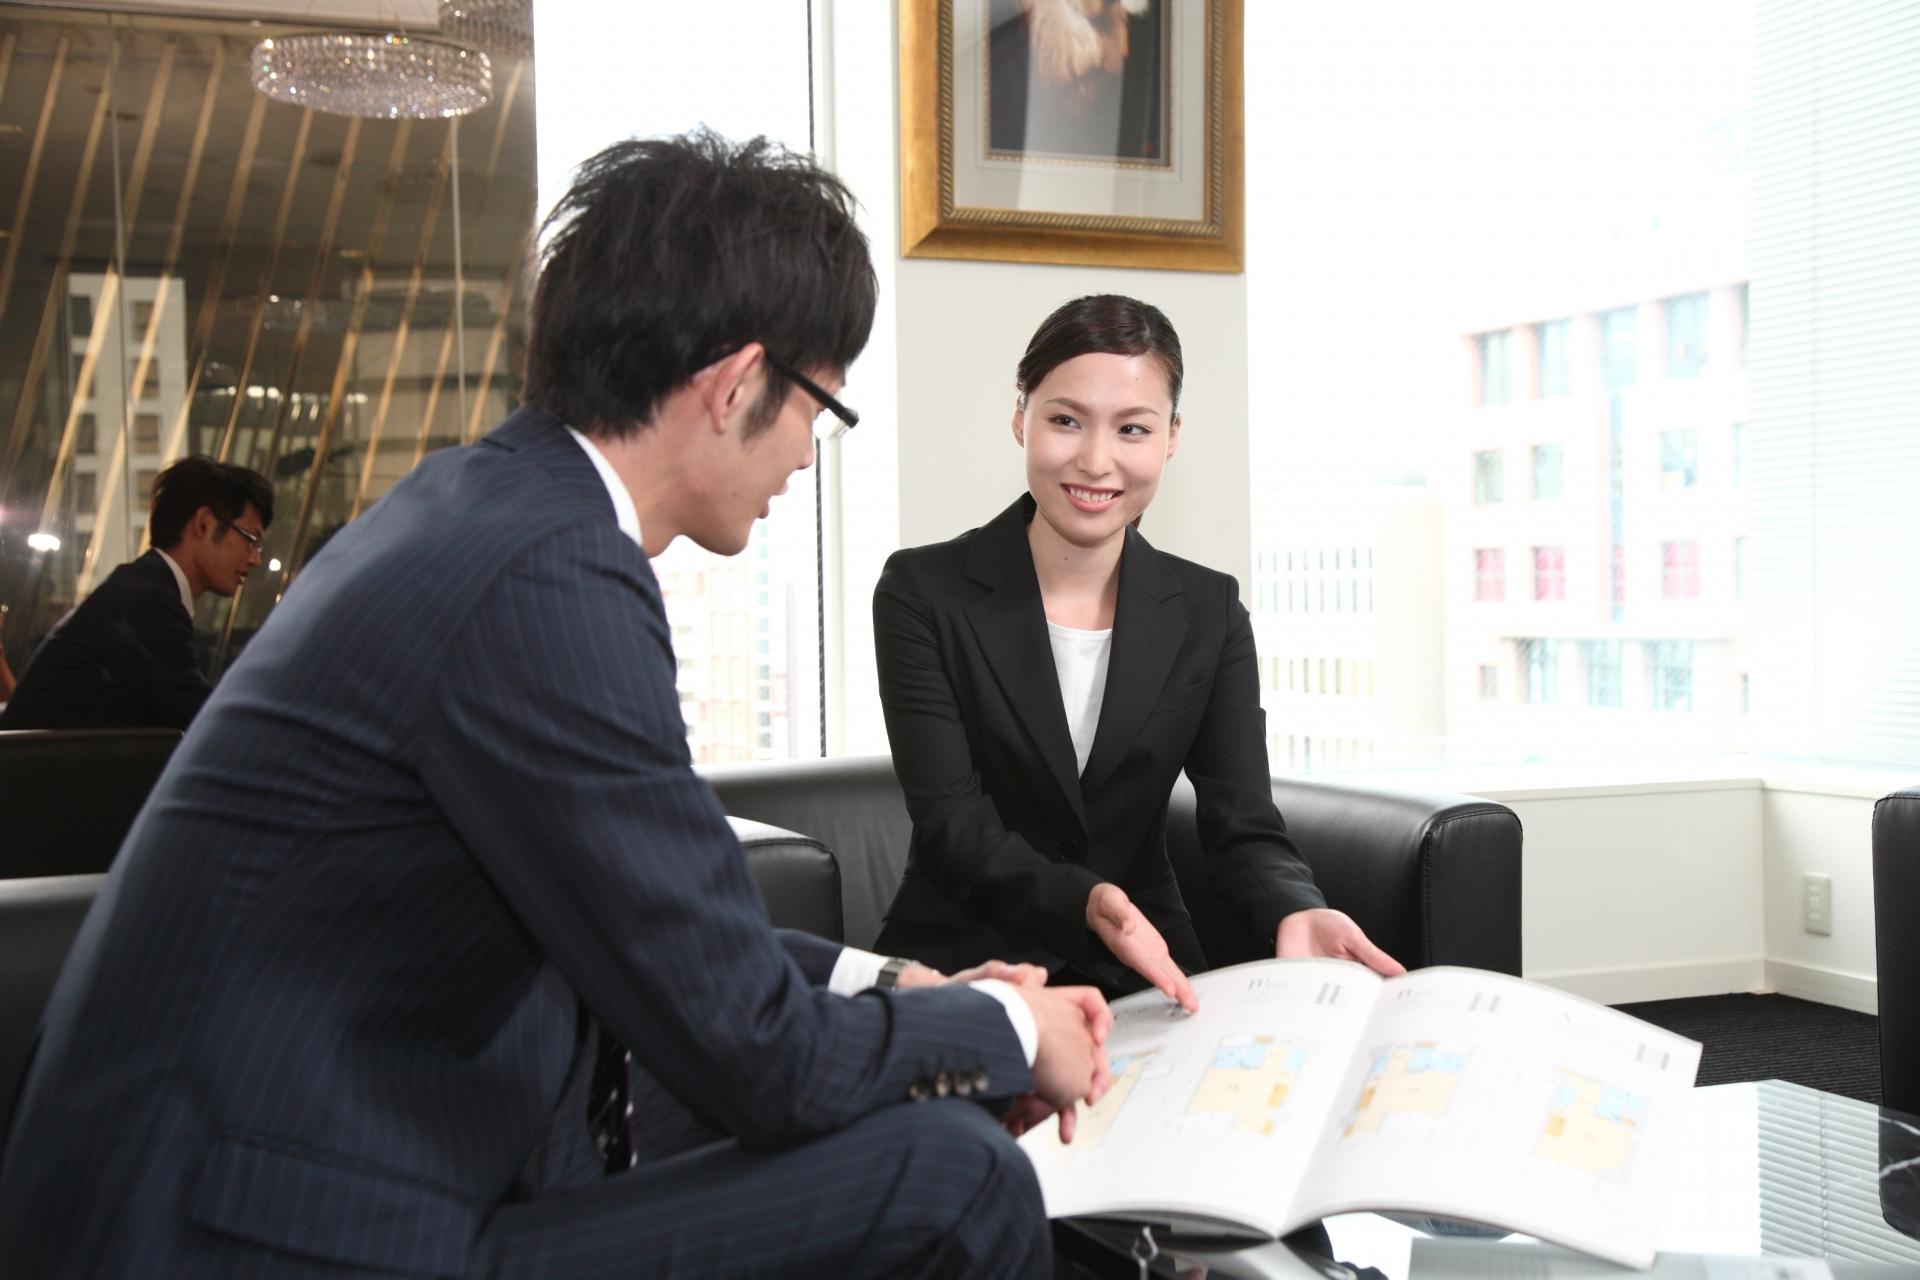 女性の営業職